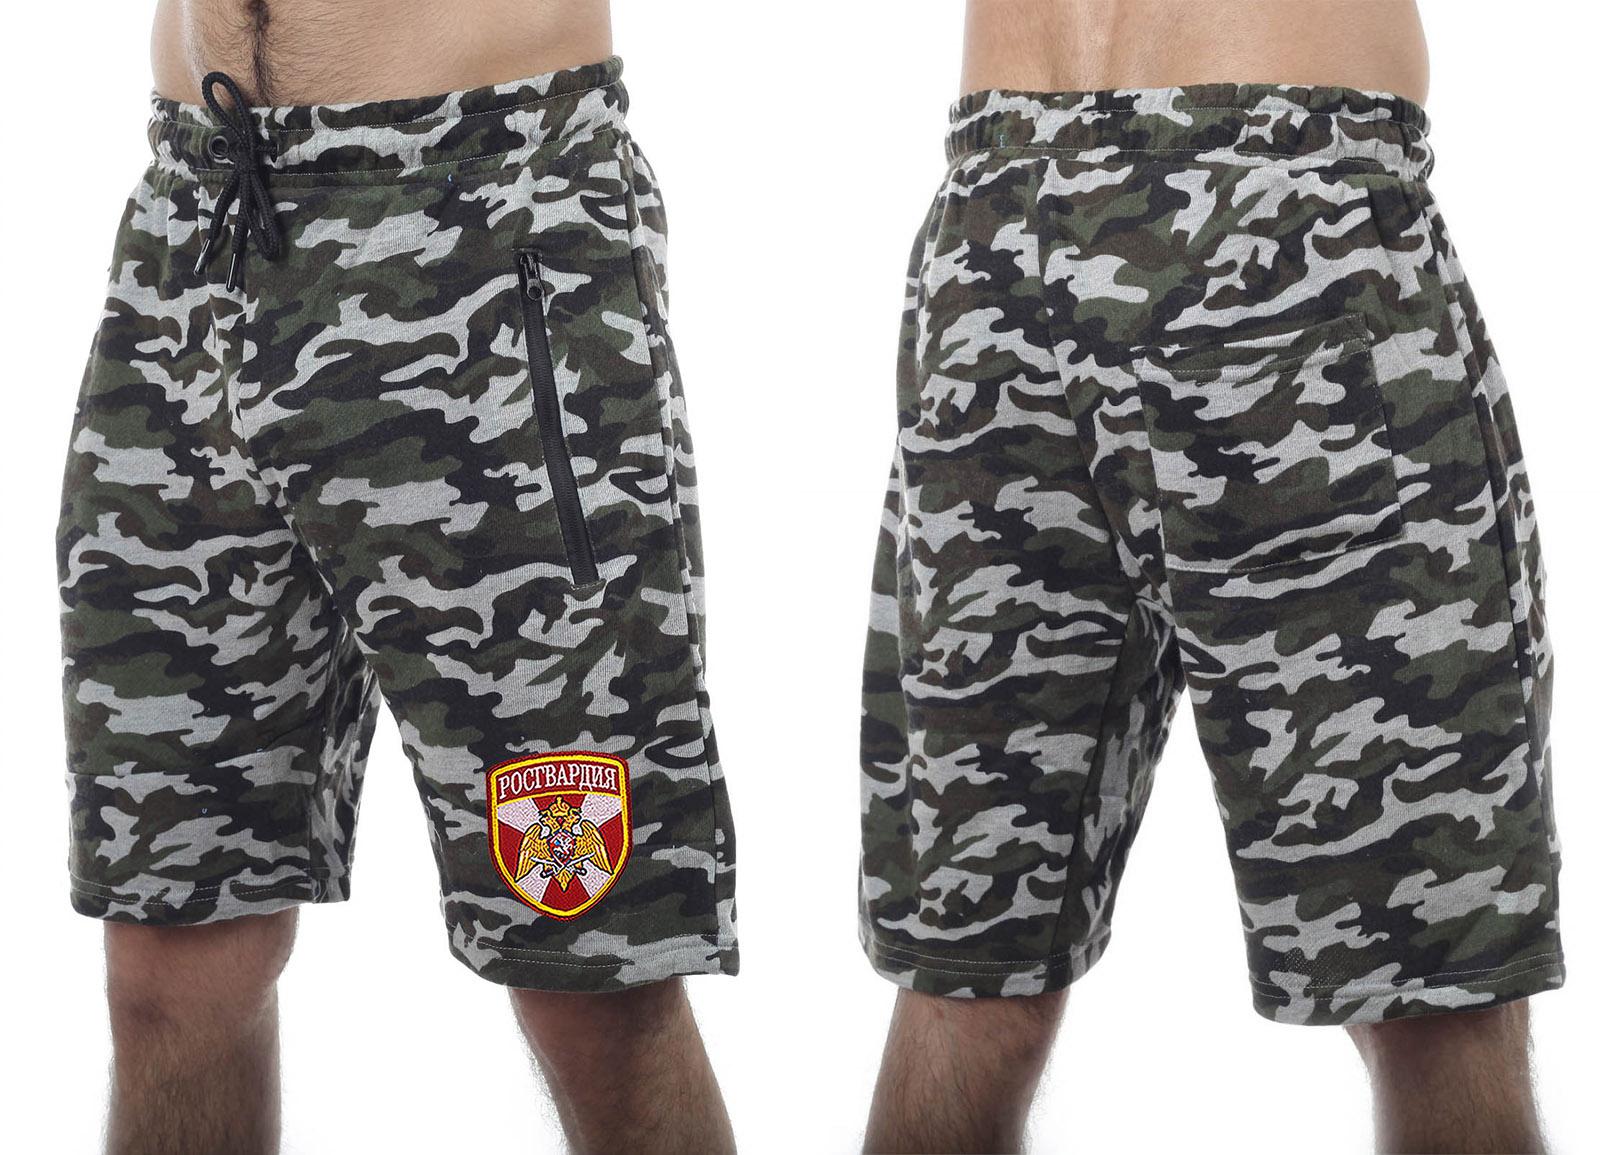 Модные трикотажные шорты с нашивкой Росгвардия - купить выгодно